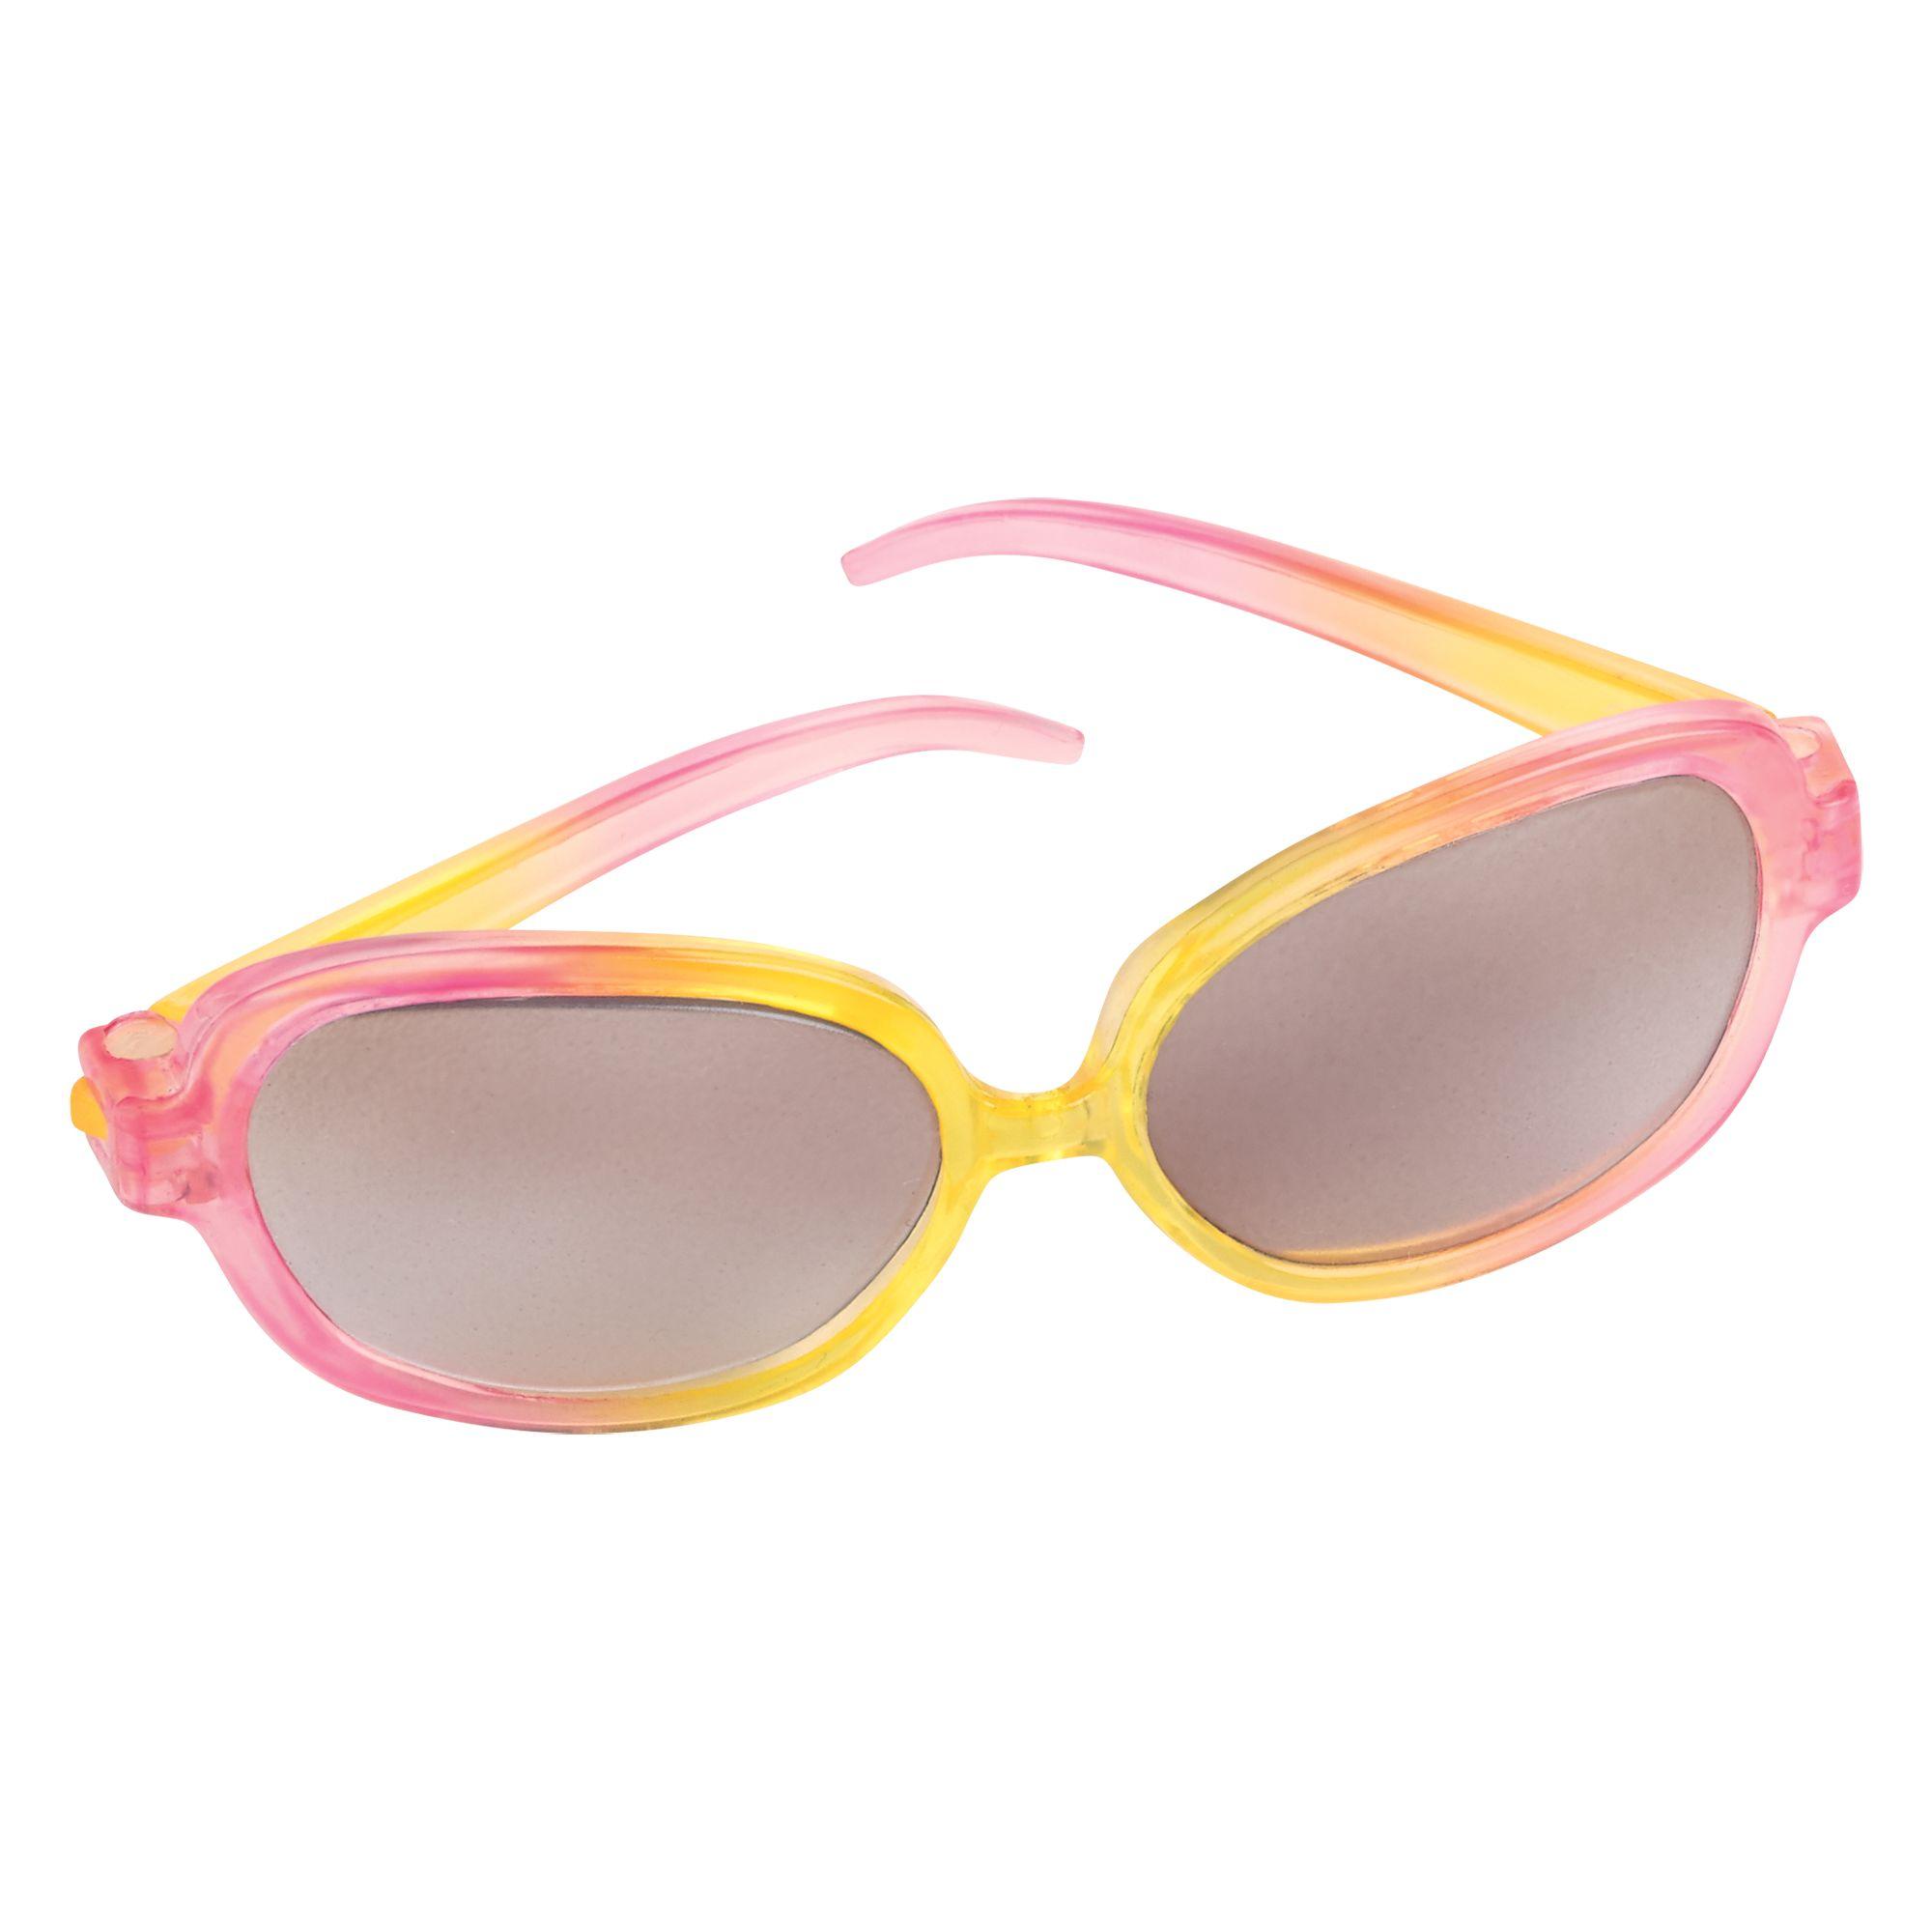 0e2f4f6fa4 The Ombre Sunglasses.